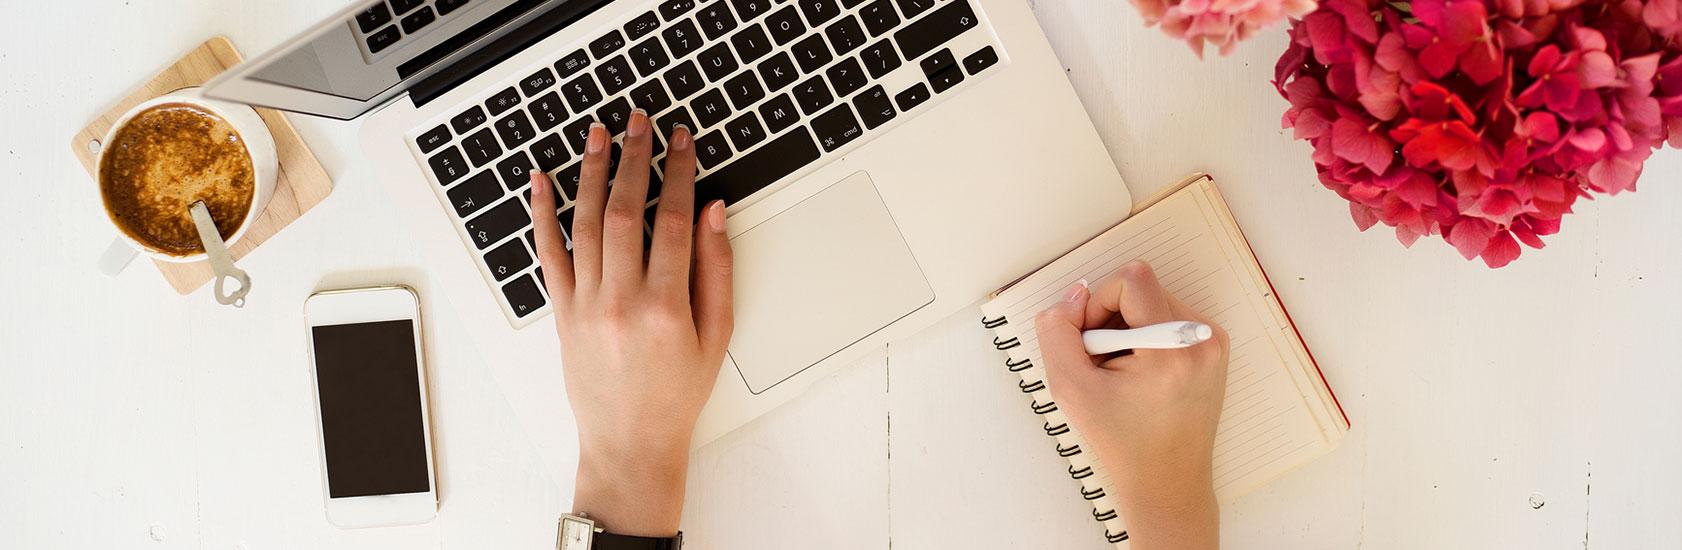 Web Design Services Puzzle Box Communications